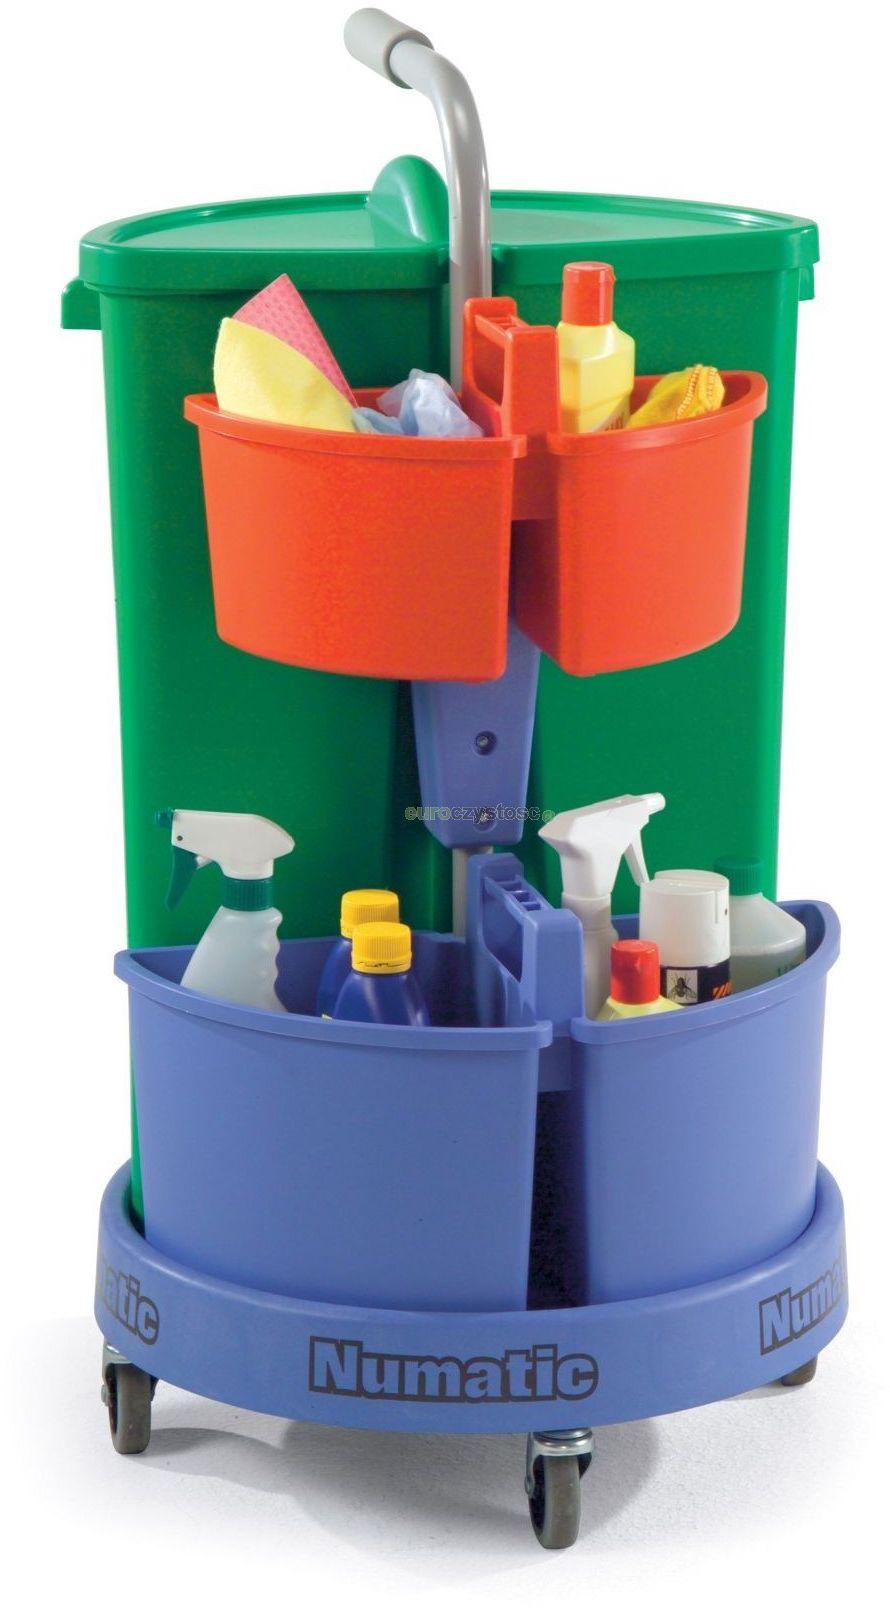 Numatic NC 3 - wózek do sprzątania